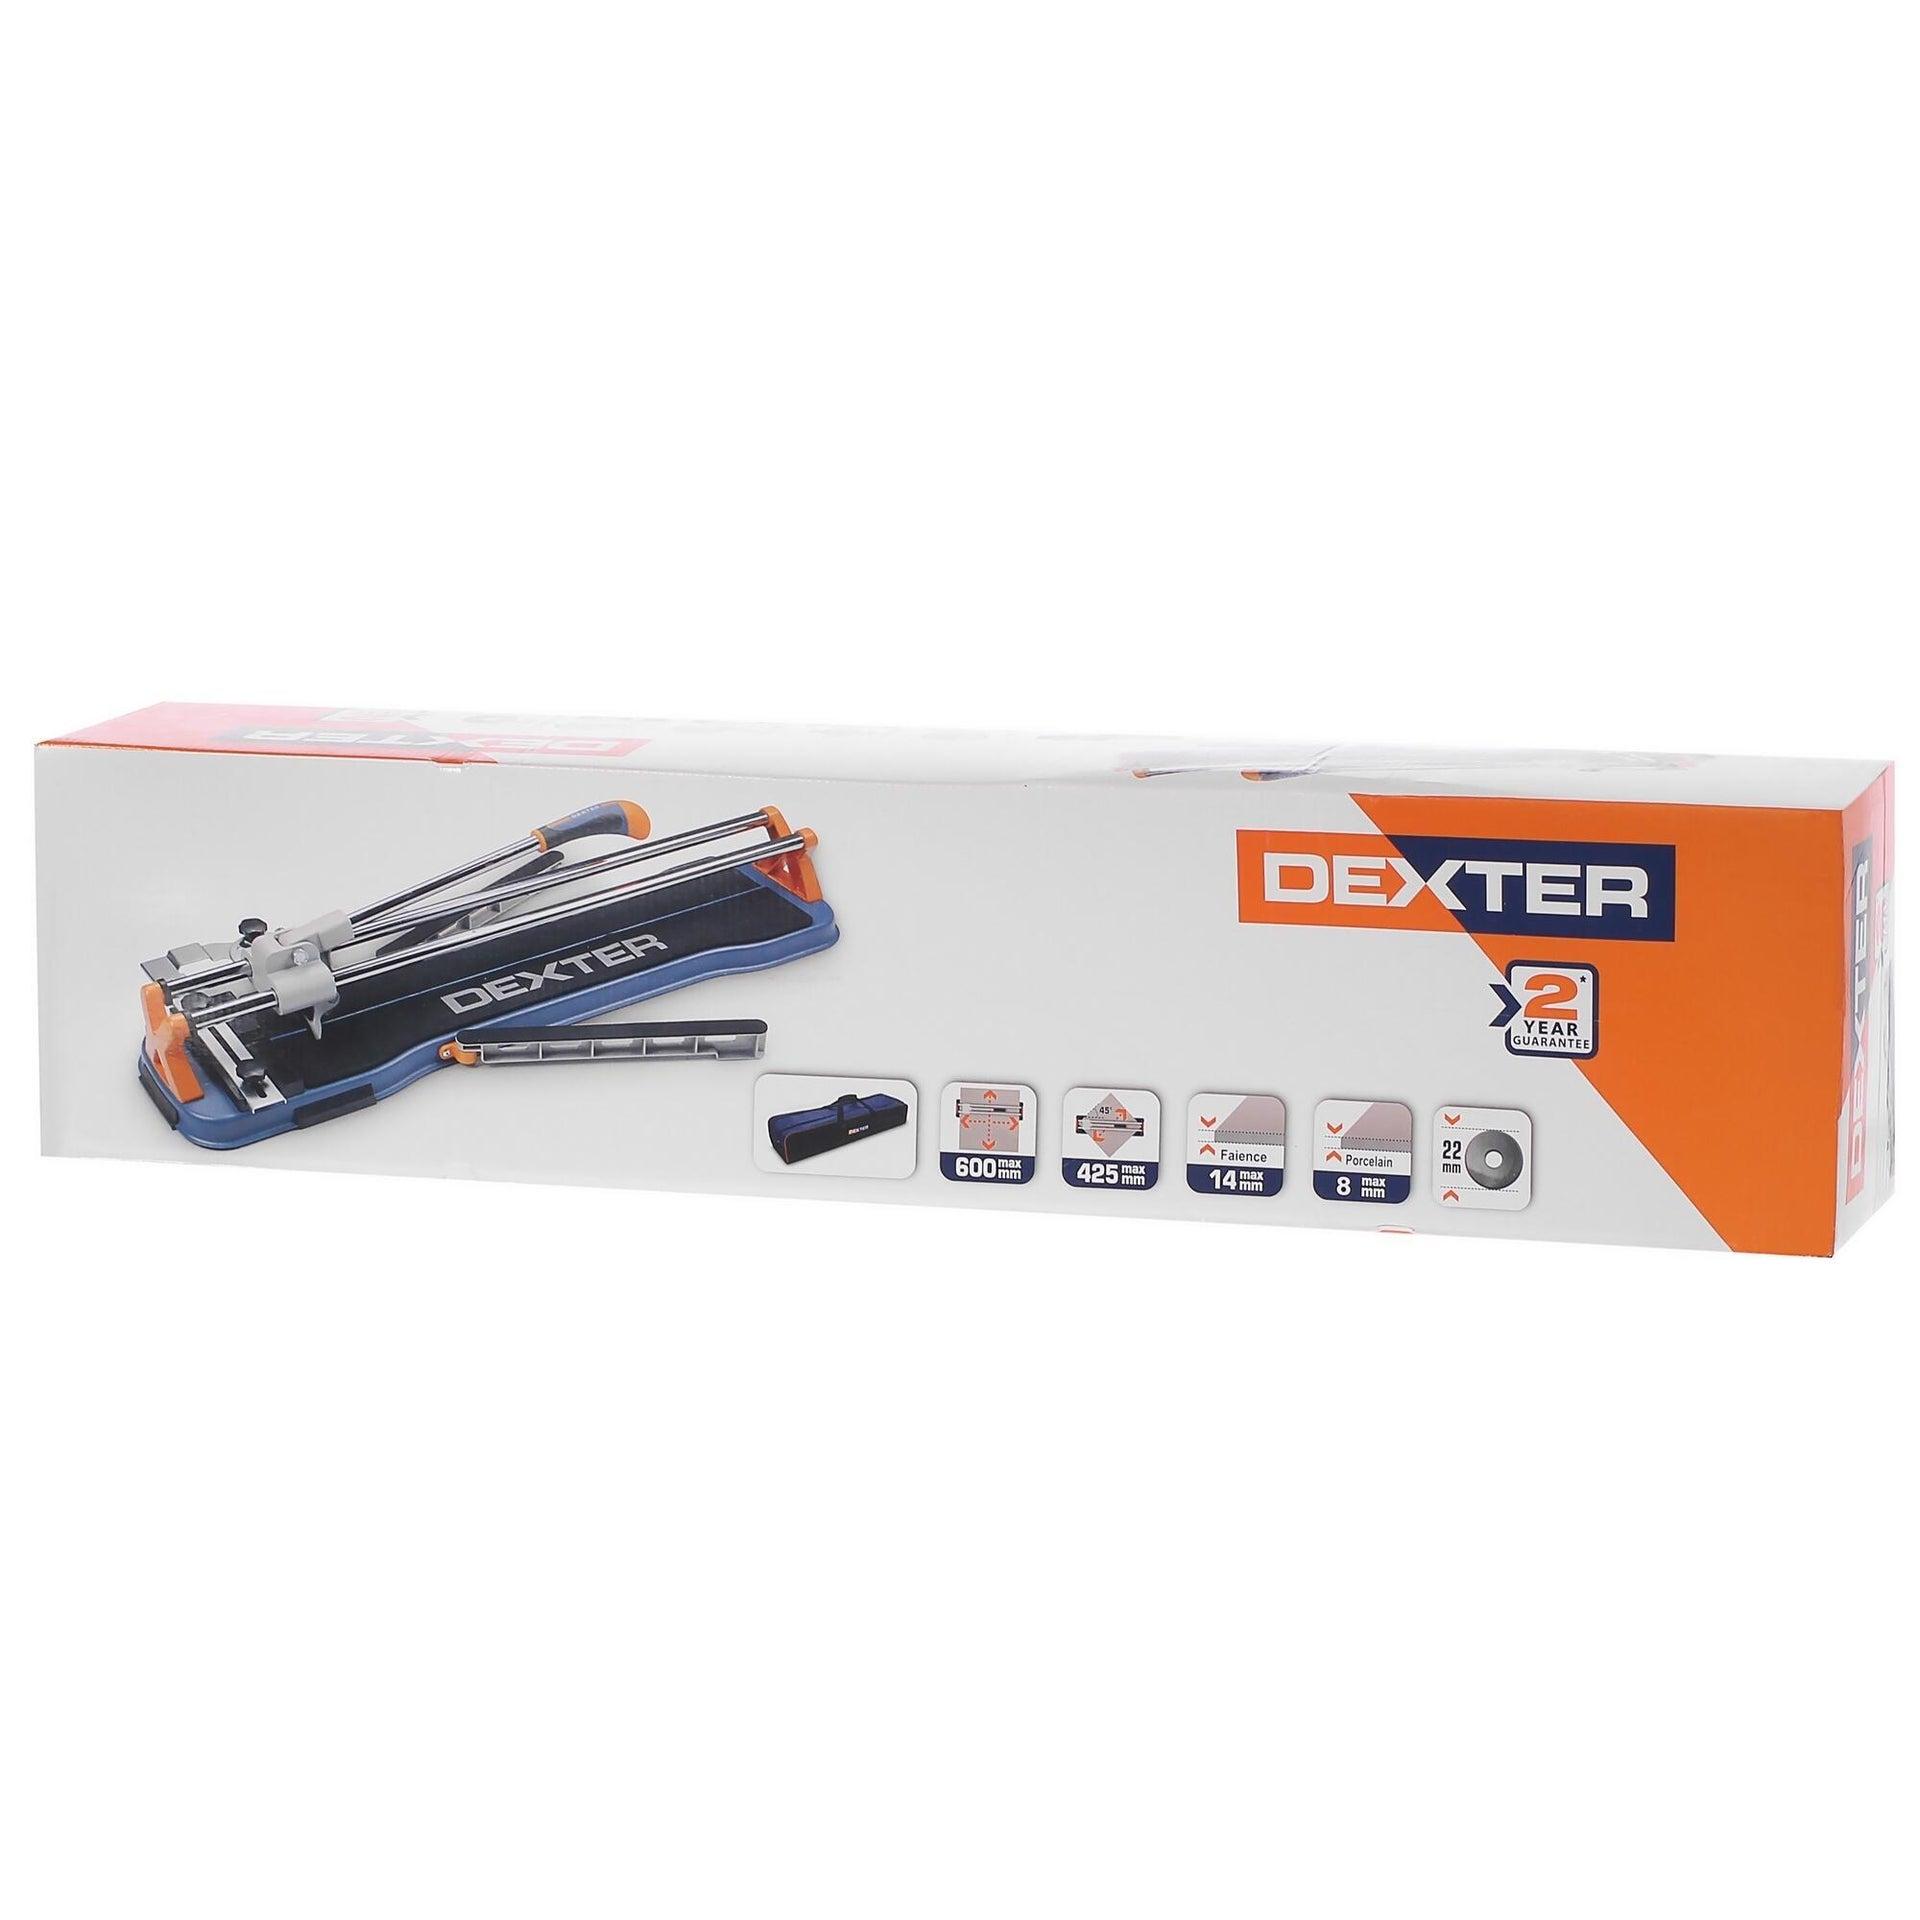 Tagliapiastrelle manuale DEXTER , lunghezza max taglio 600 mm - 2